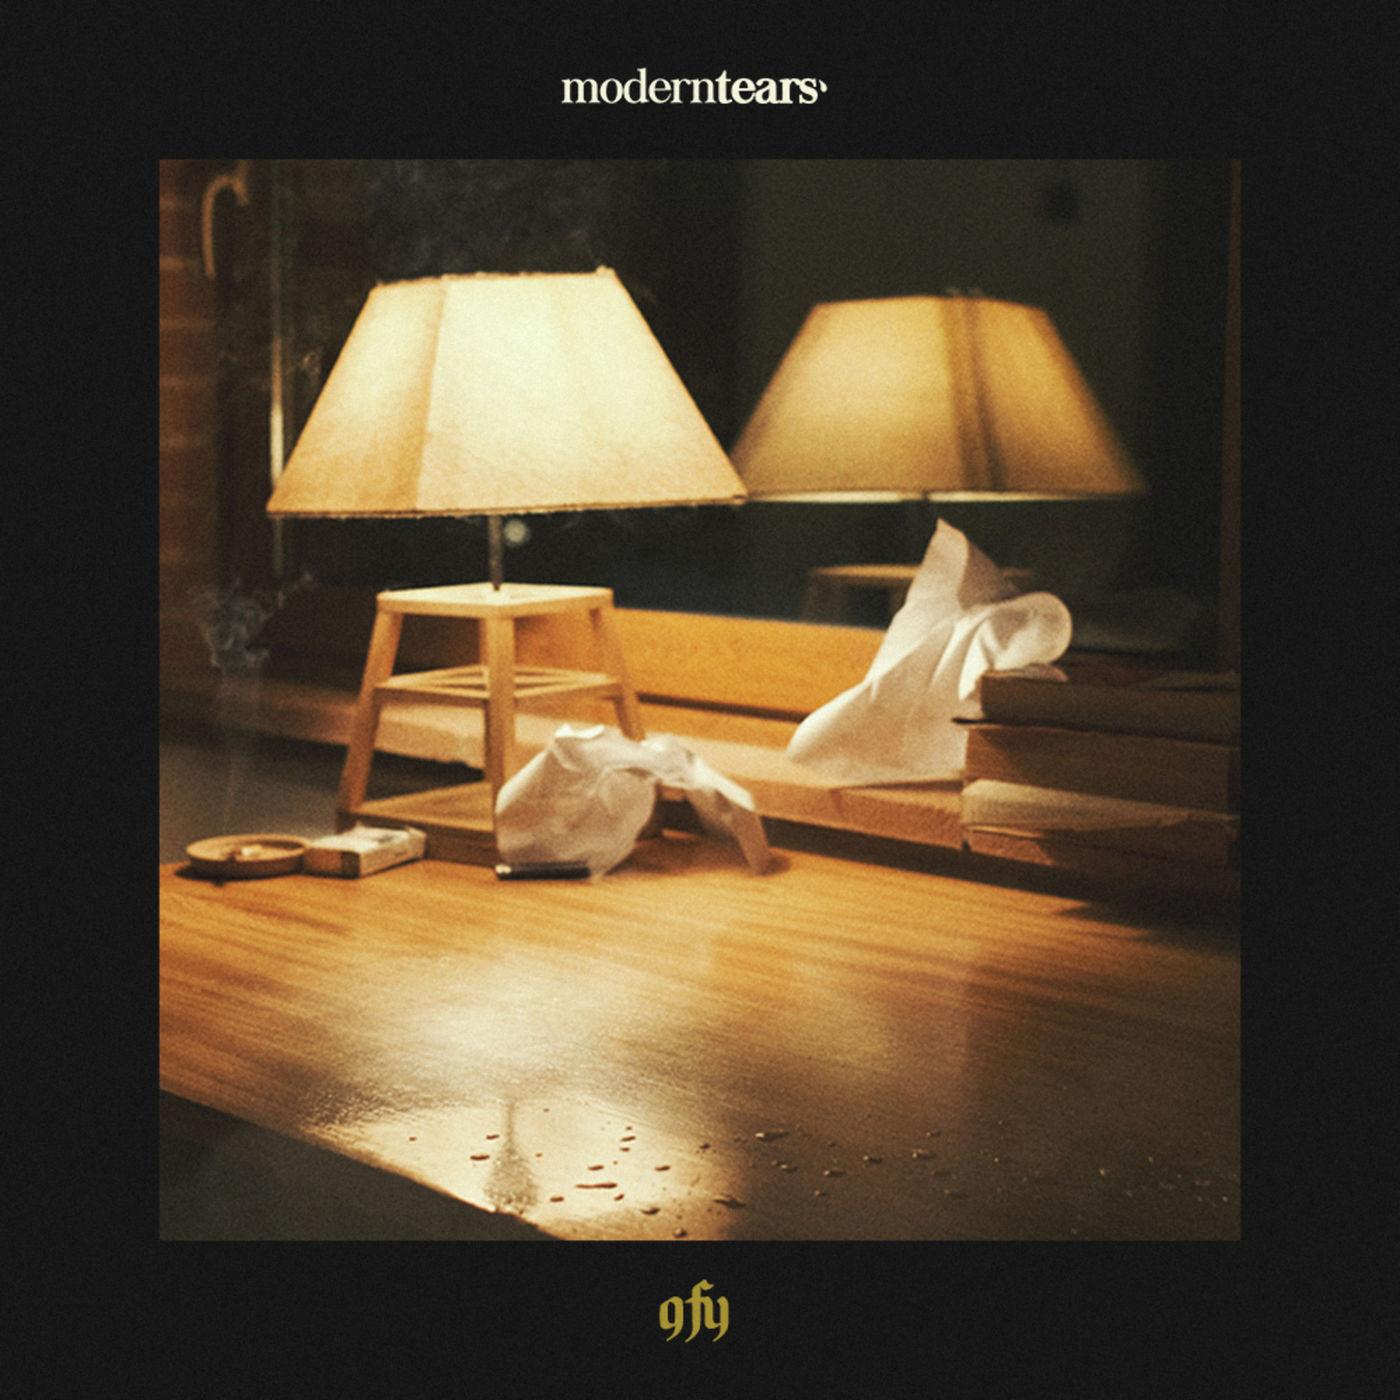 Moderntears' - gfy [single] (2020)